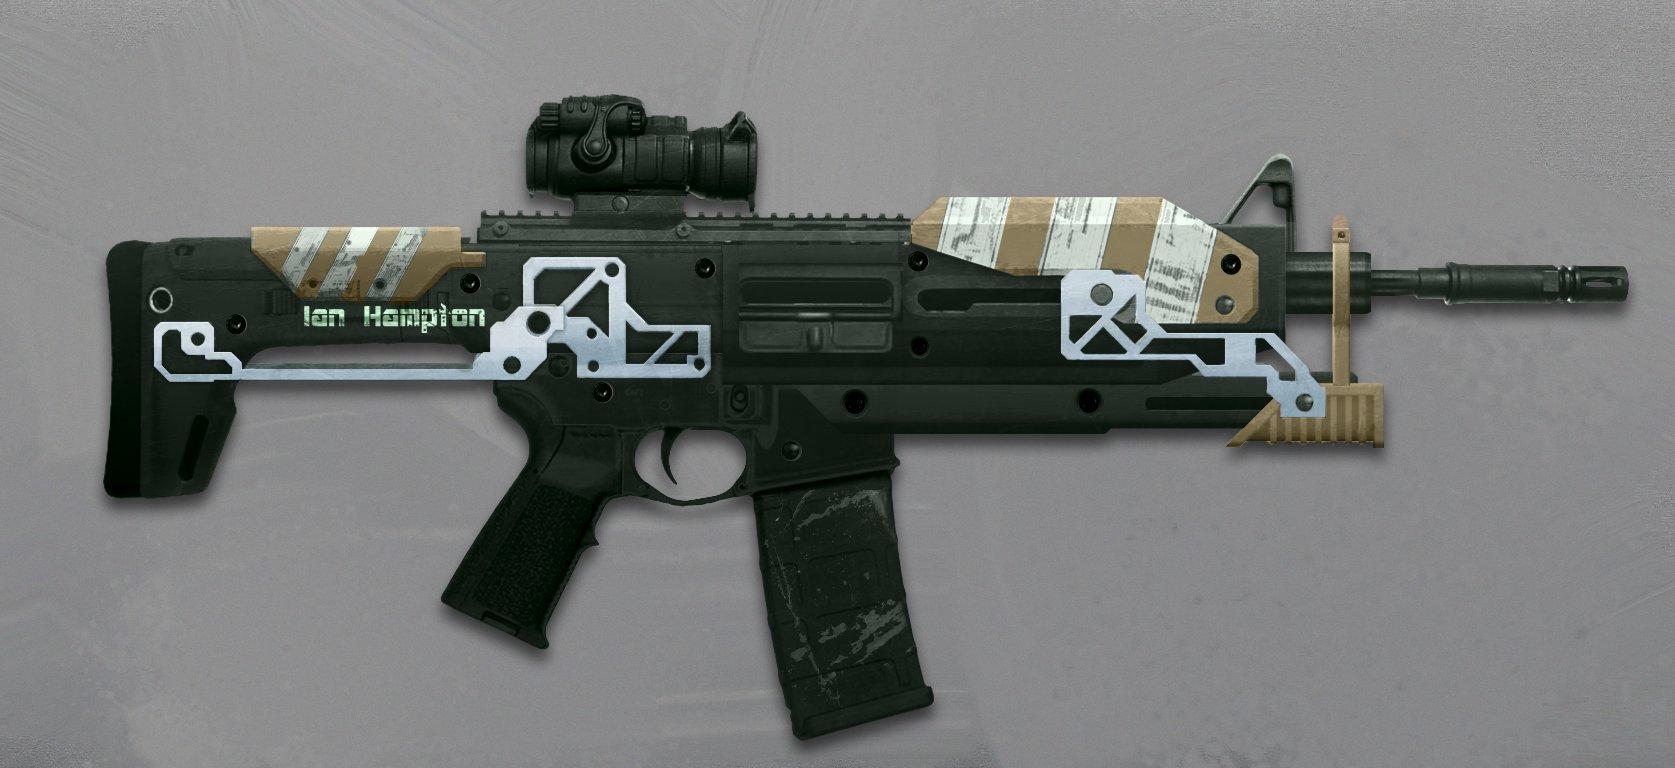 ian-hampton-gun-concept.jpg?1429585846